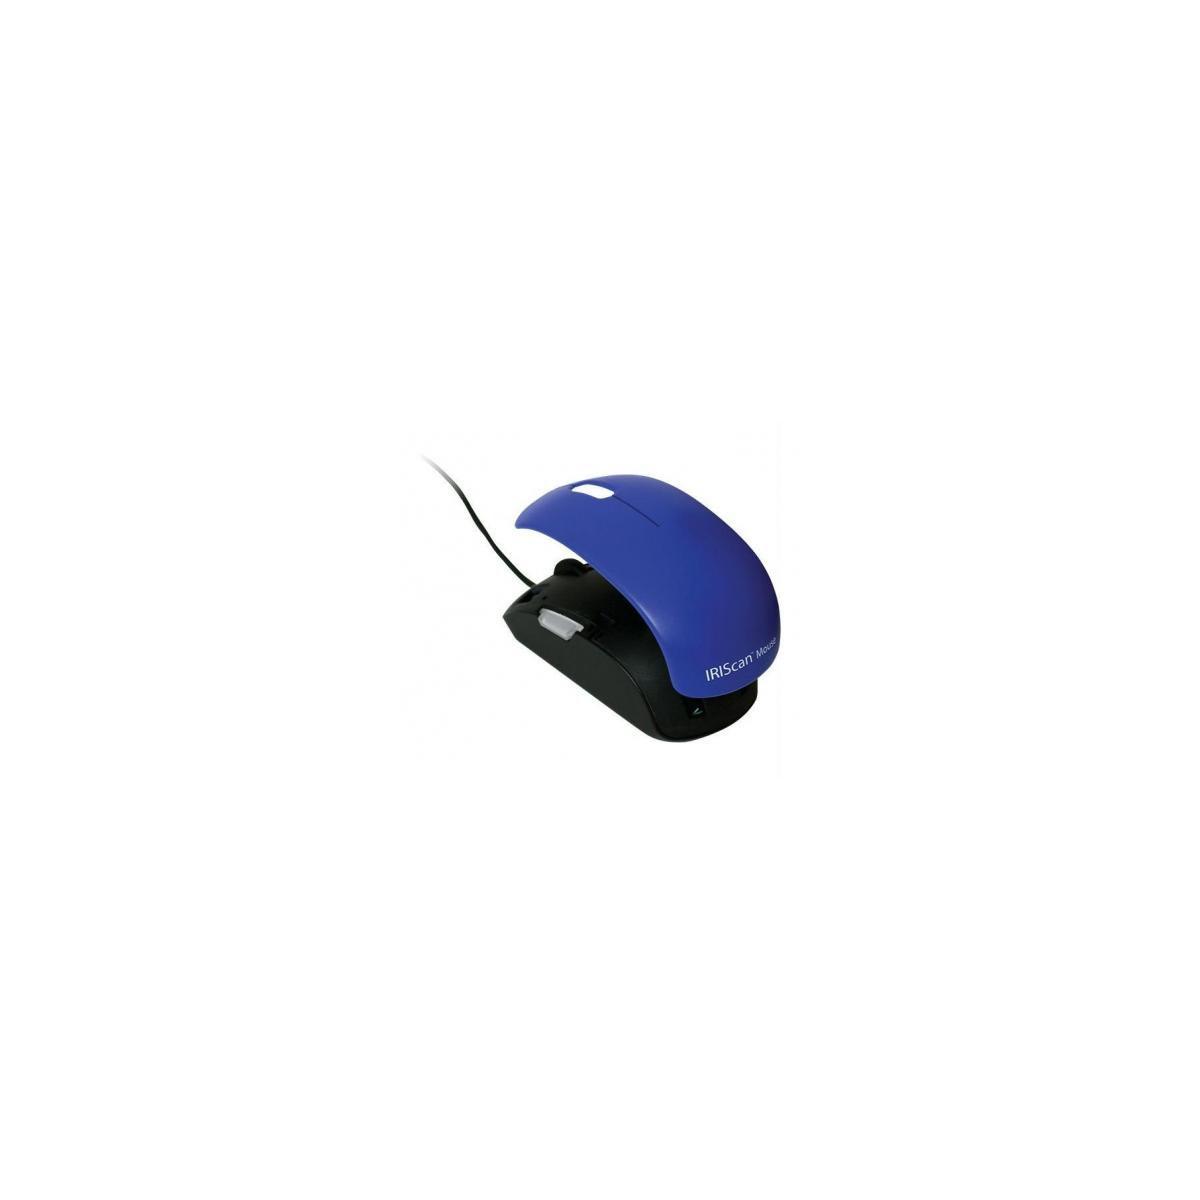 Scanner portable iris iriscan mouse 2 - 7% de remise immédiate avec le code : wd7 (photo)